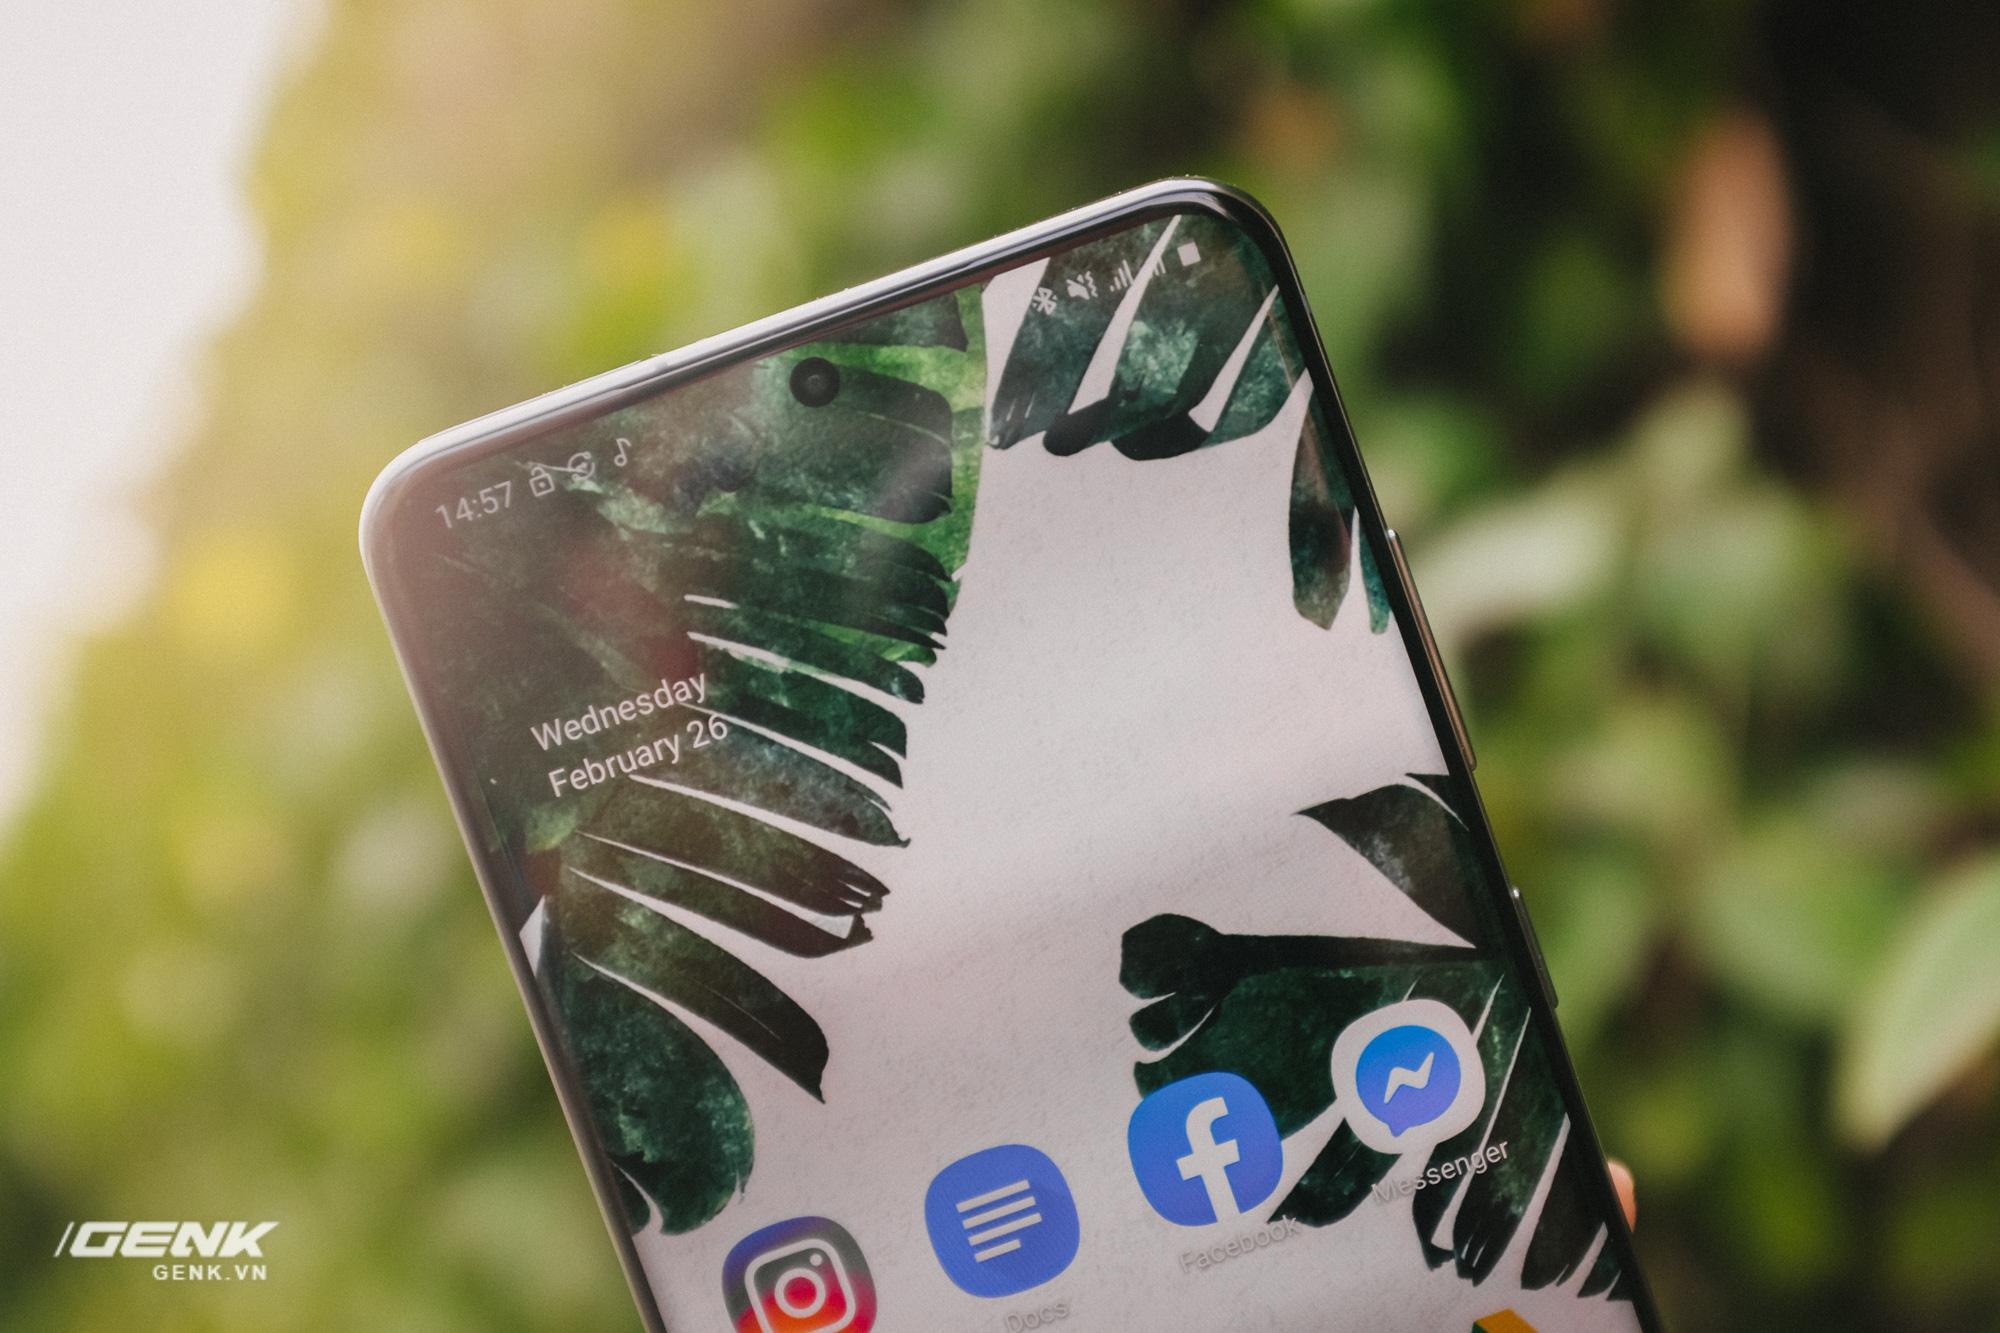 Những chi tiết thiết kế mới trên Galaxy S20 chứng tỏ Samsung vẫn bén lắm - Ảnh 4.